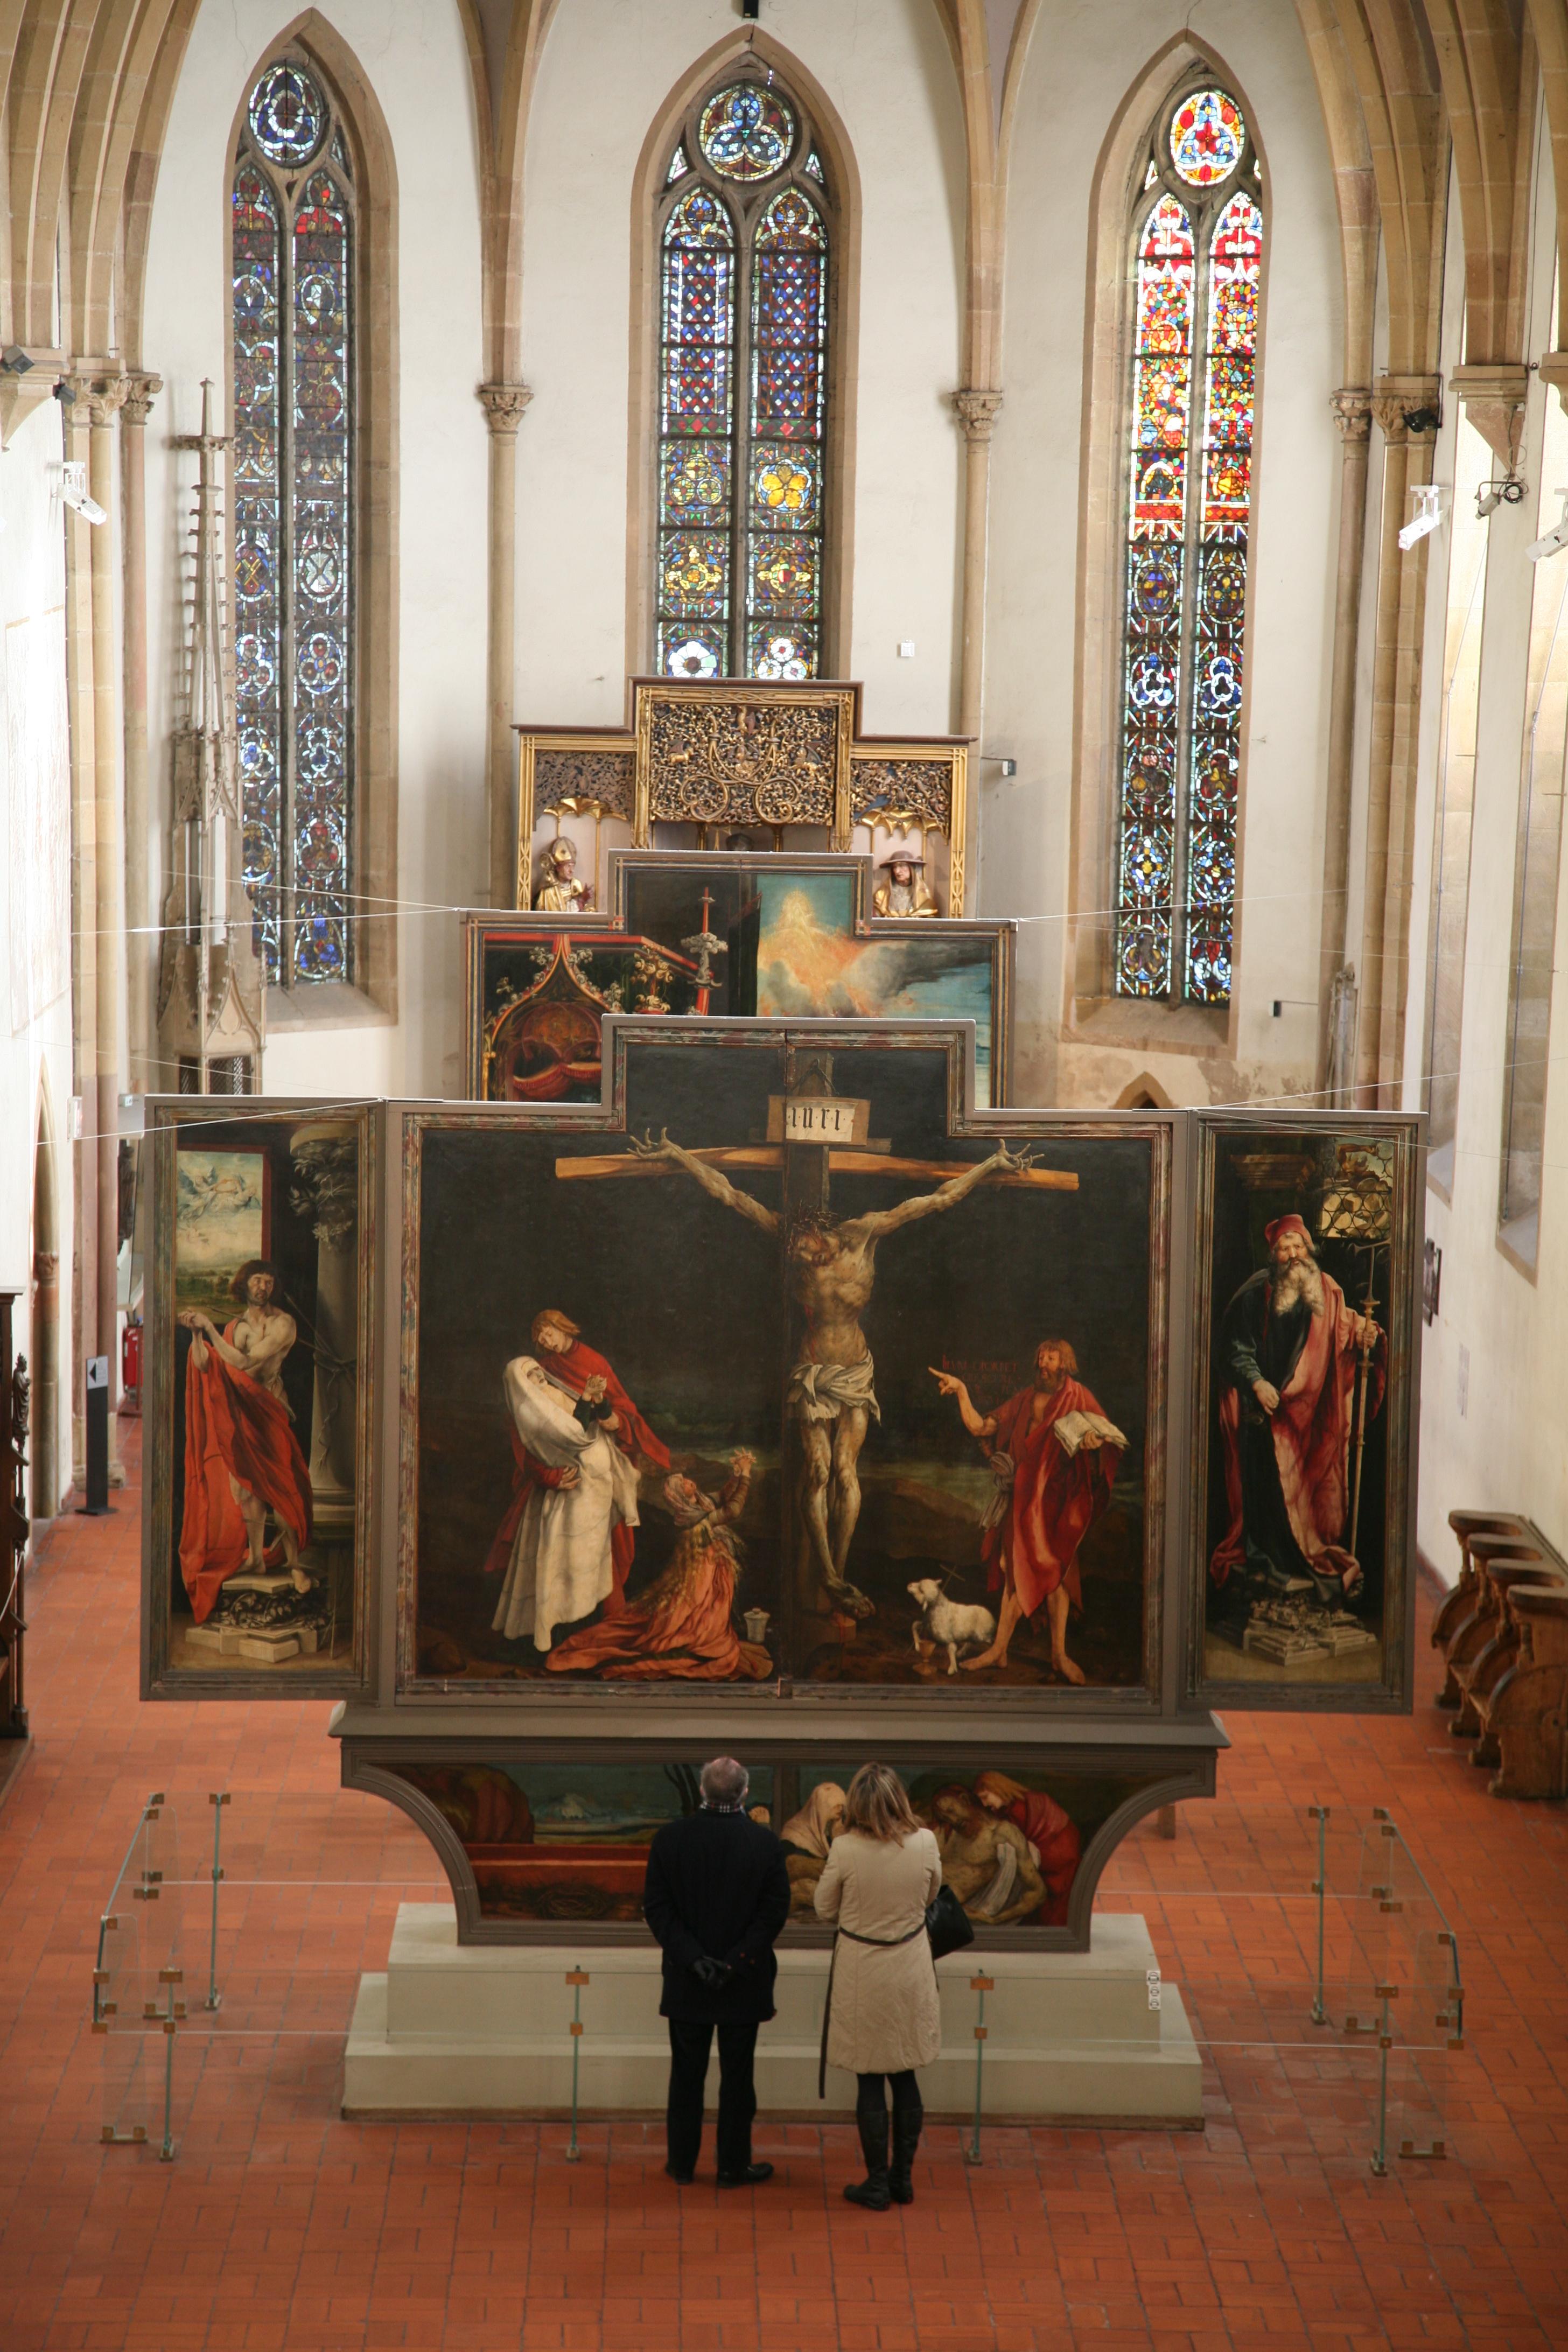 Chapel_of_Unterlinden_Museum_with_Isenheim_altarpiece.jpg